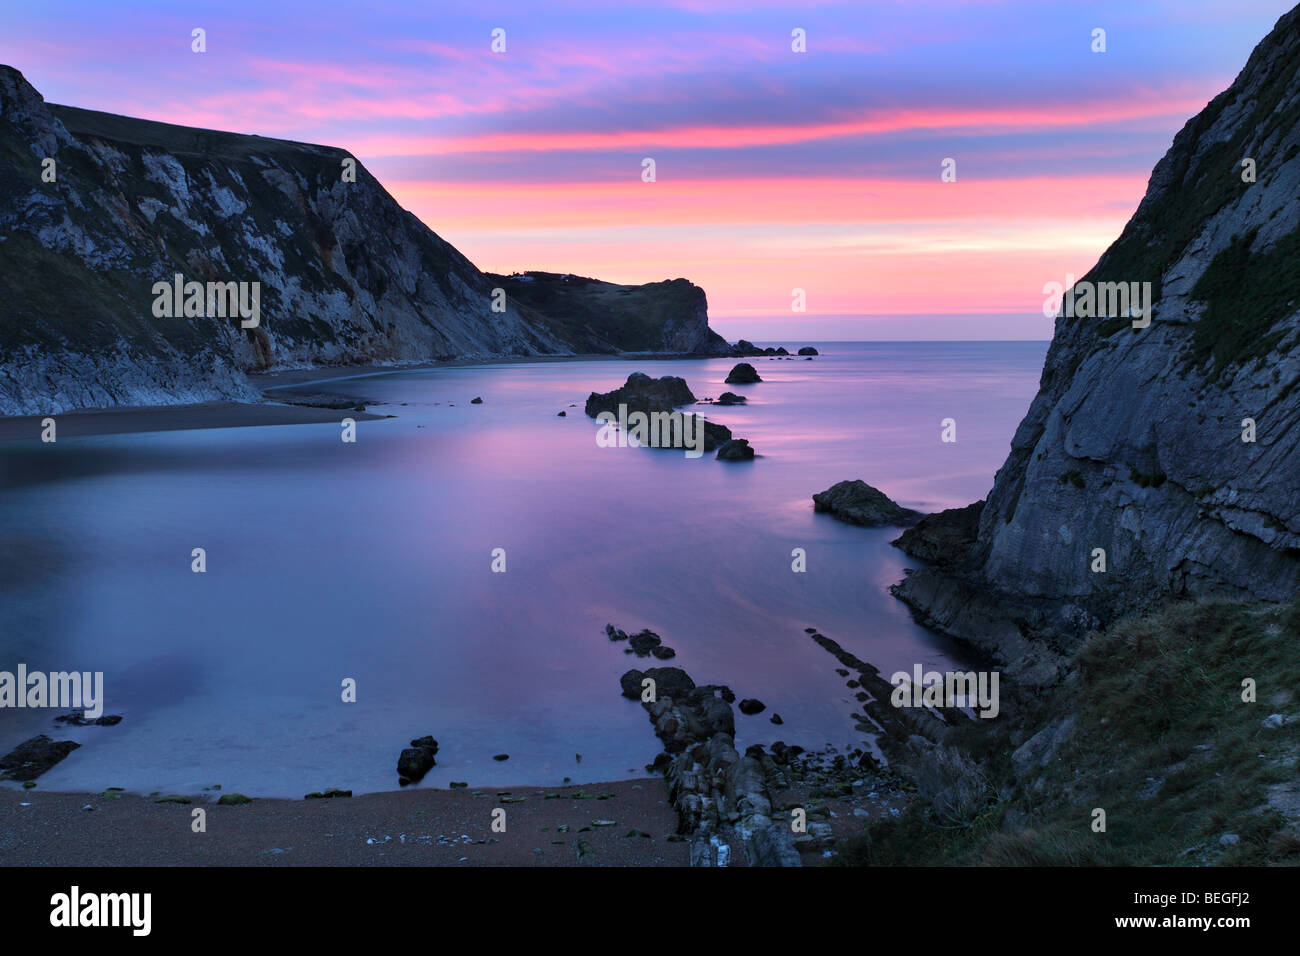 Uomo o di guerra, il Dorset. Immagini Stock